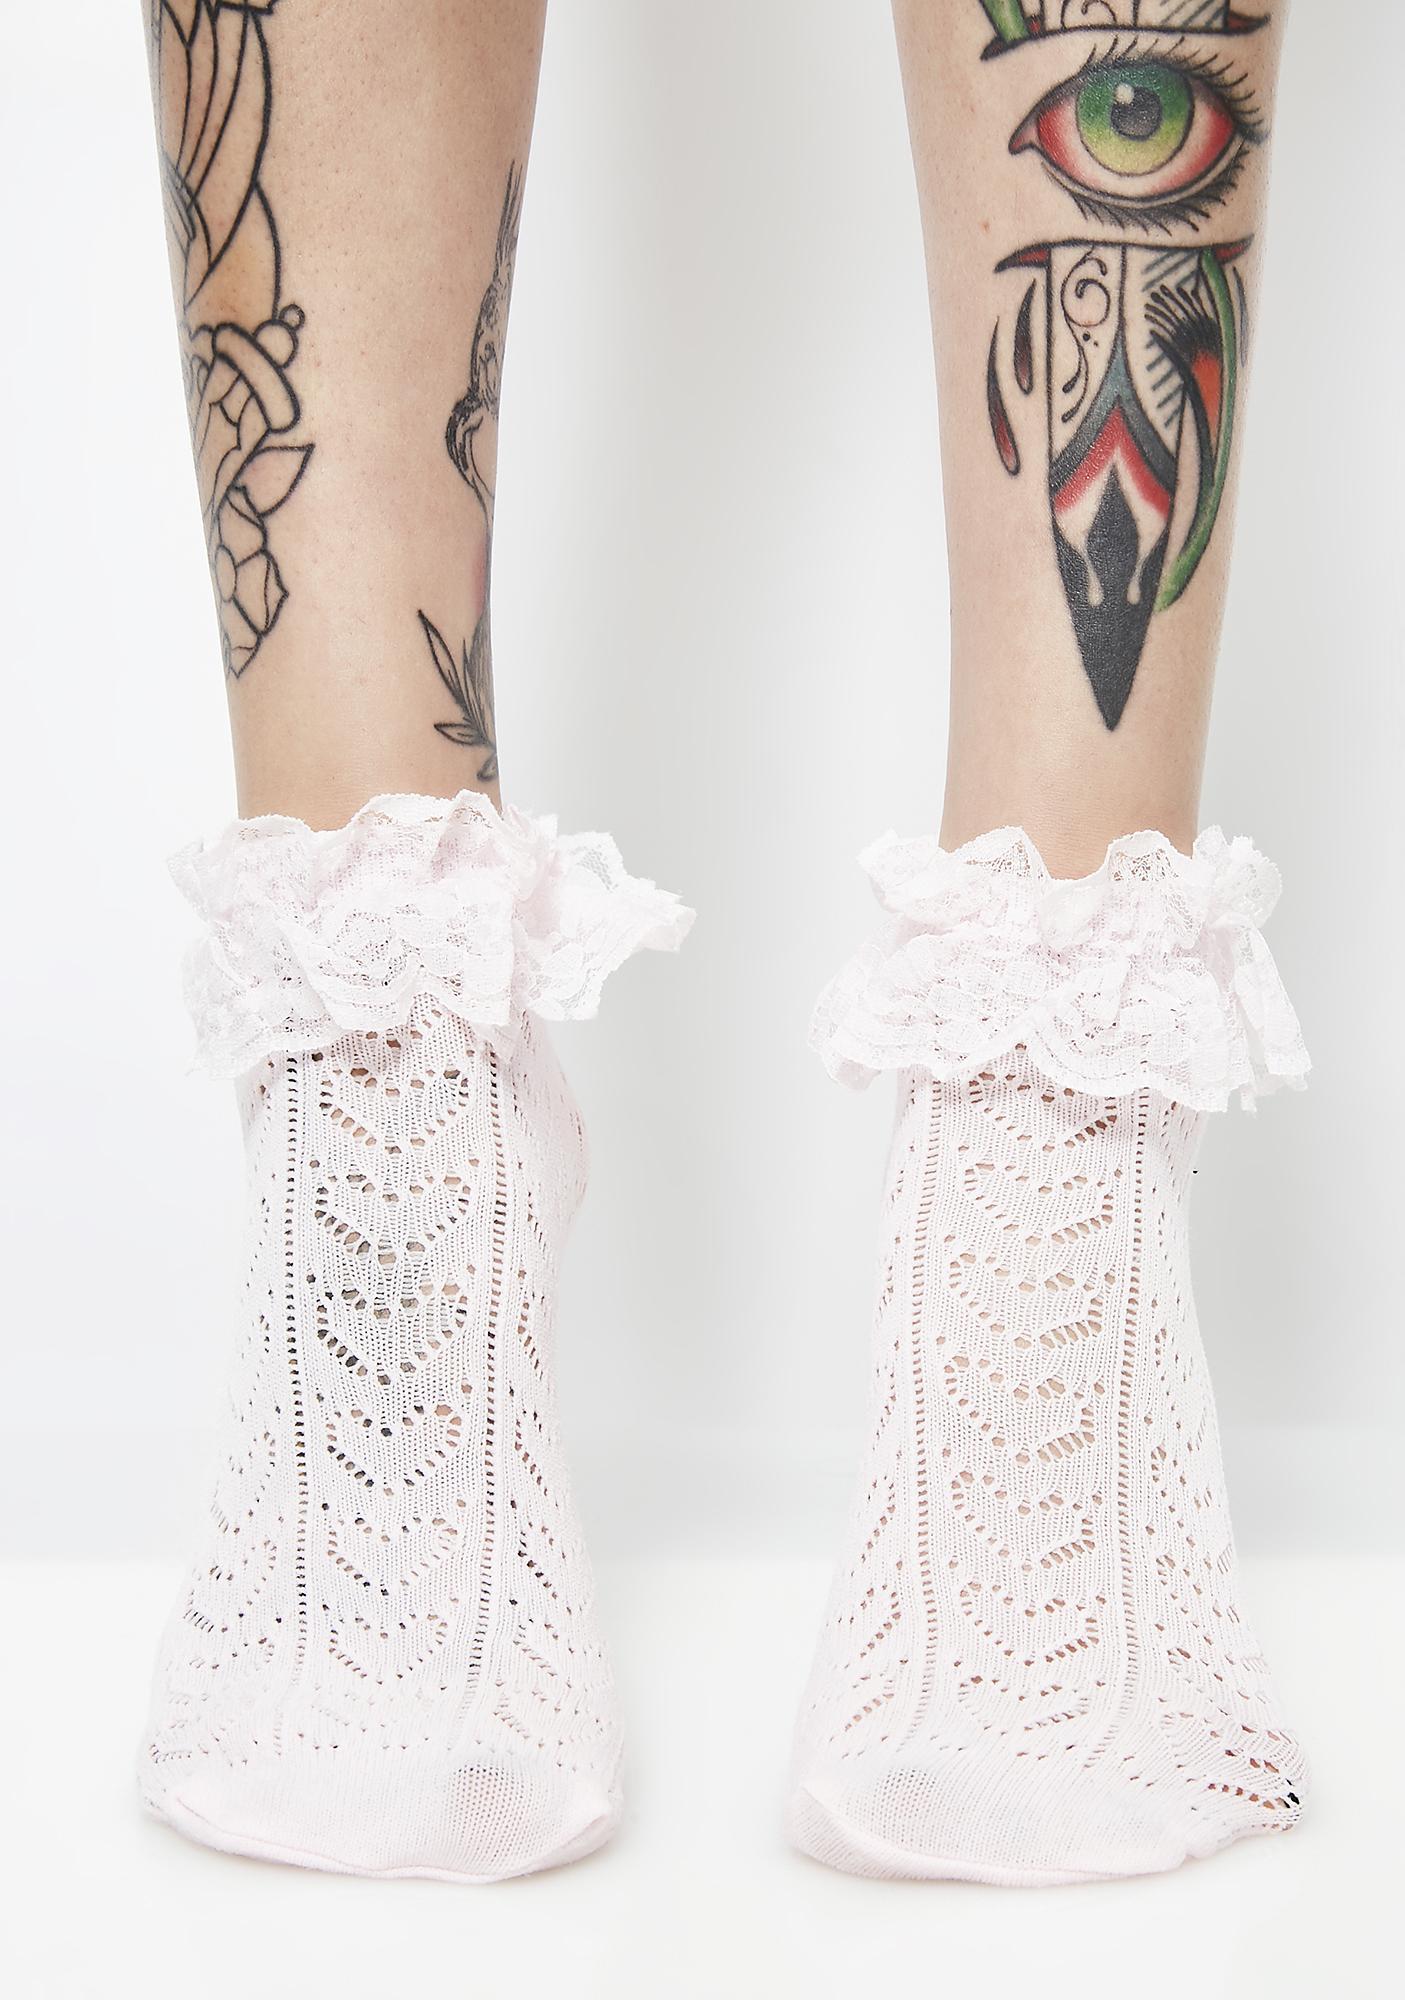 Lil Sweetie Ruffle Ankle Socks